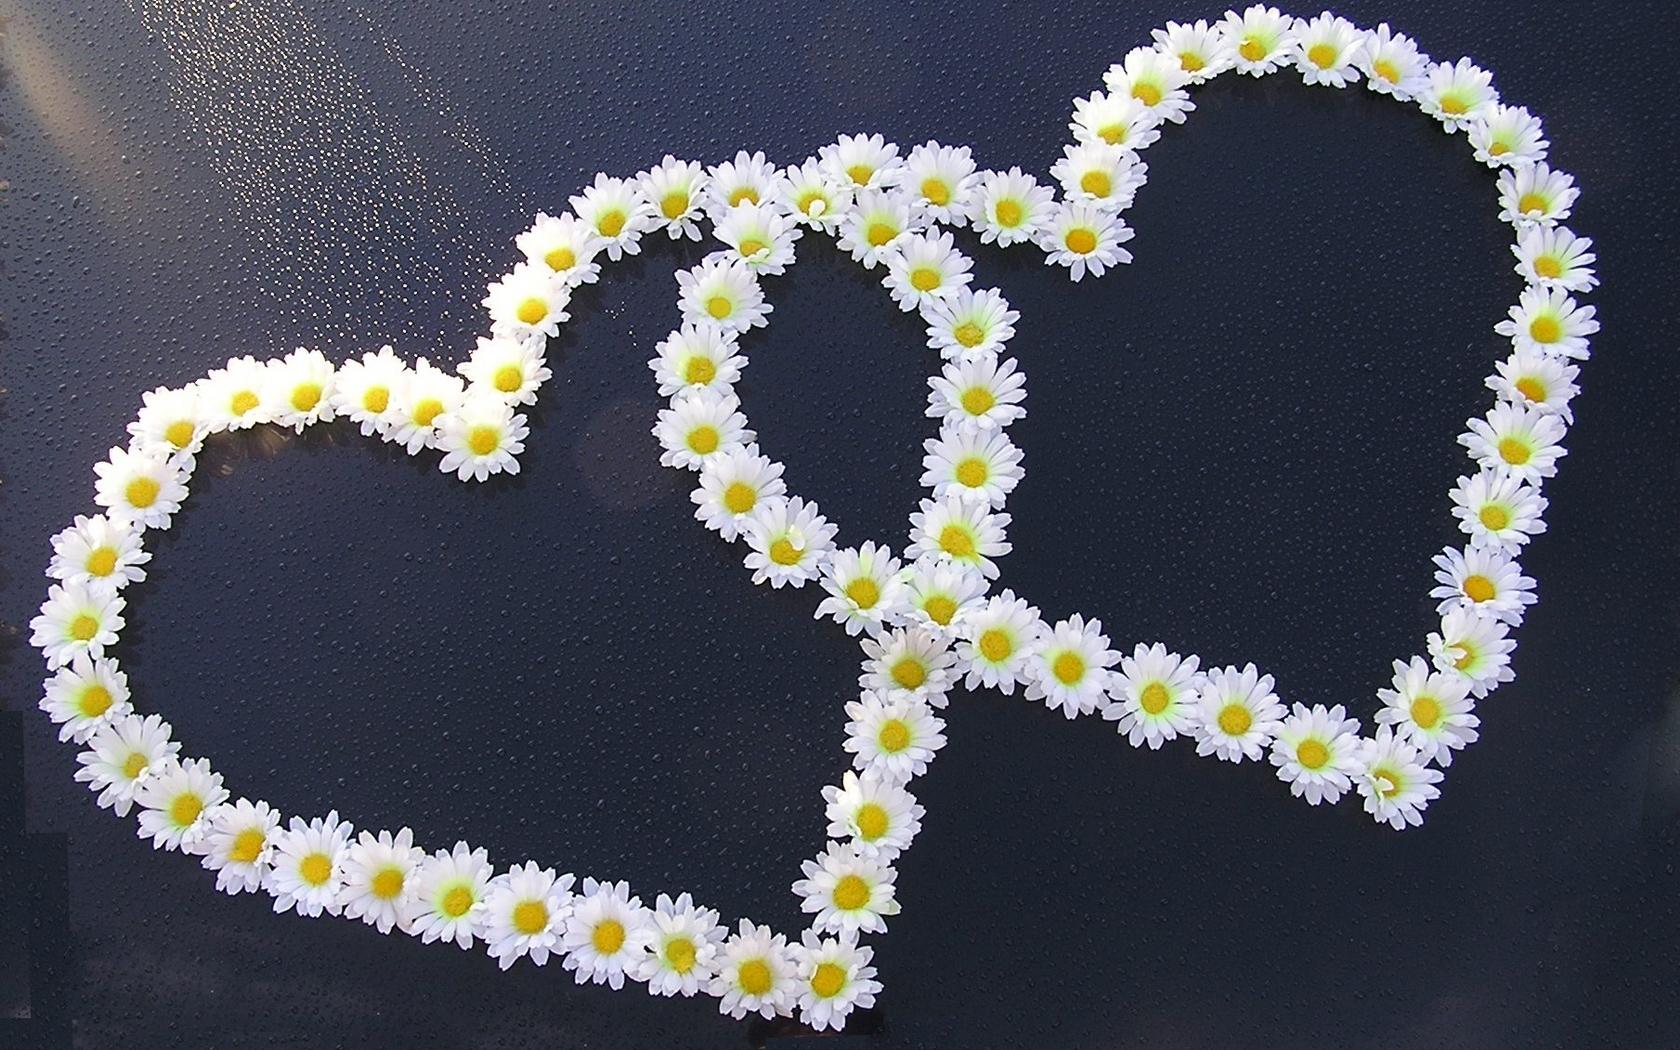 43520 скачать обои Растения, Цветы, Сердца, Ромашки - заставки и картинки бесплатно